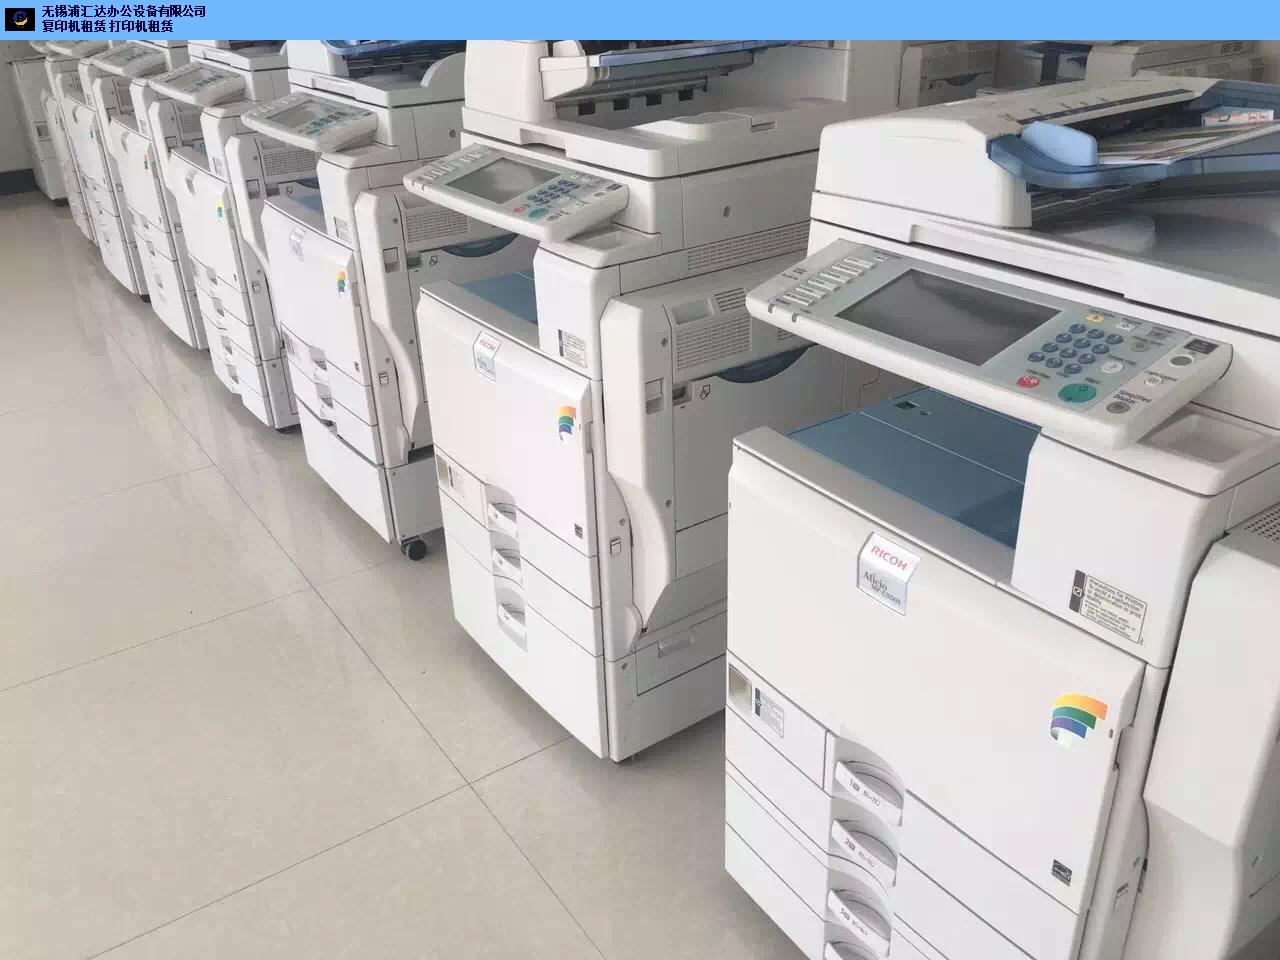 宜兴震旦打印机维修哪家好,打印机维修